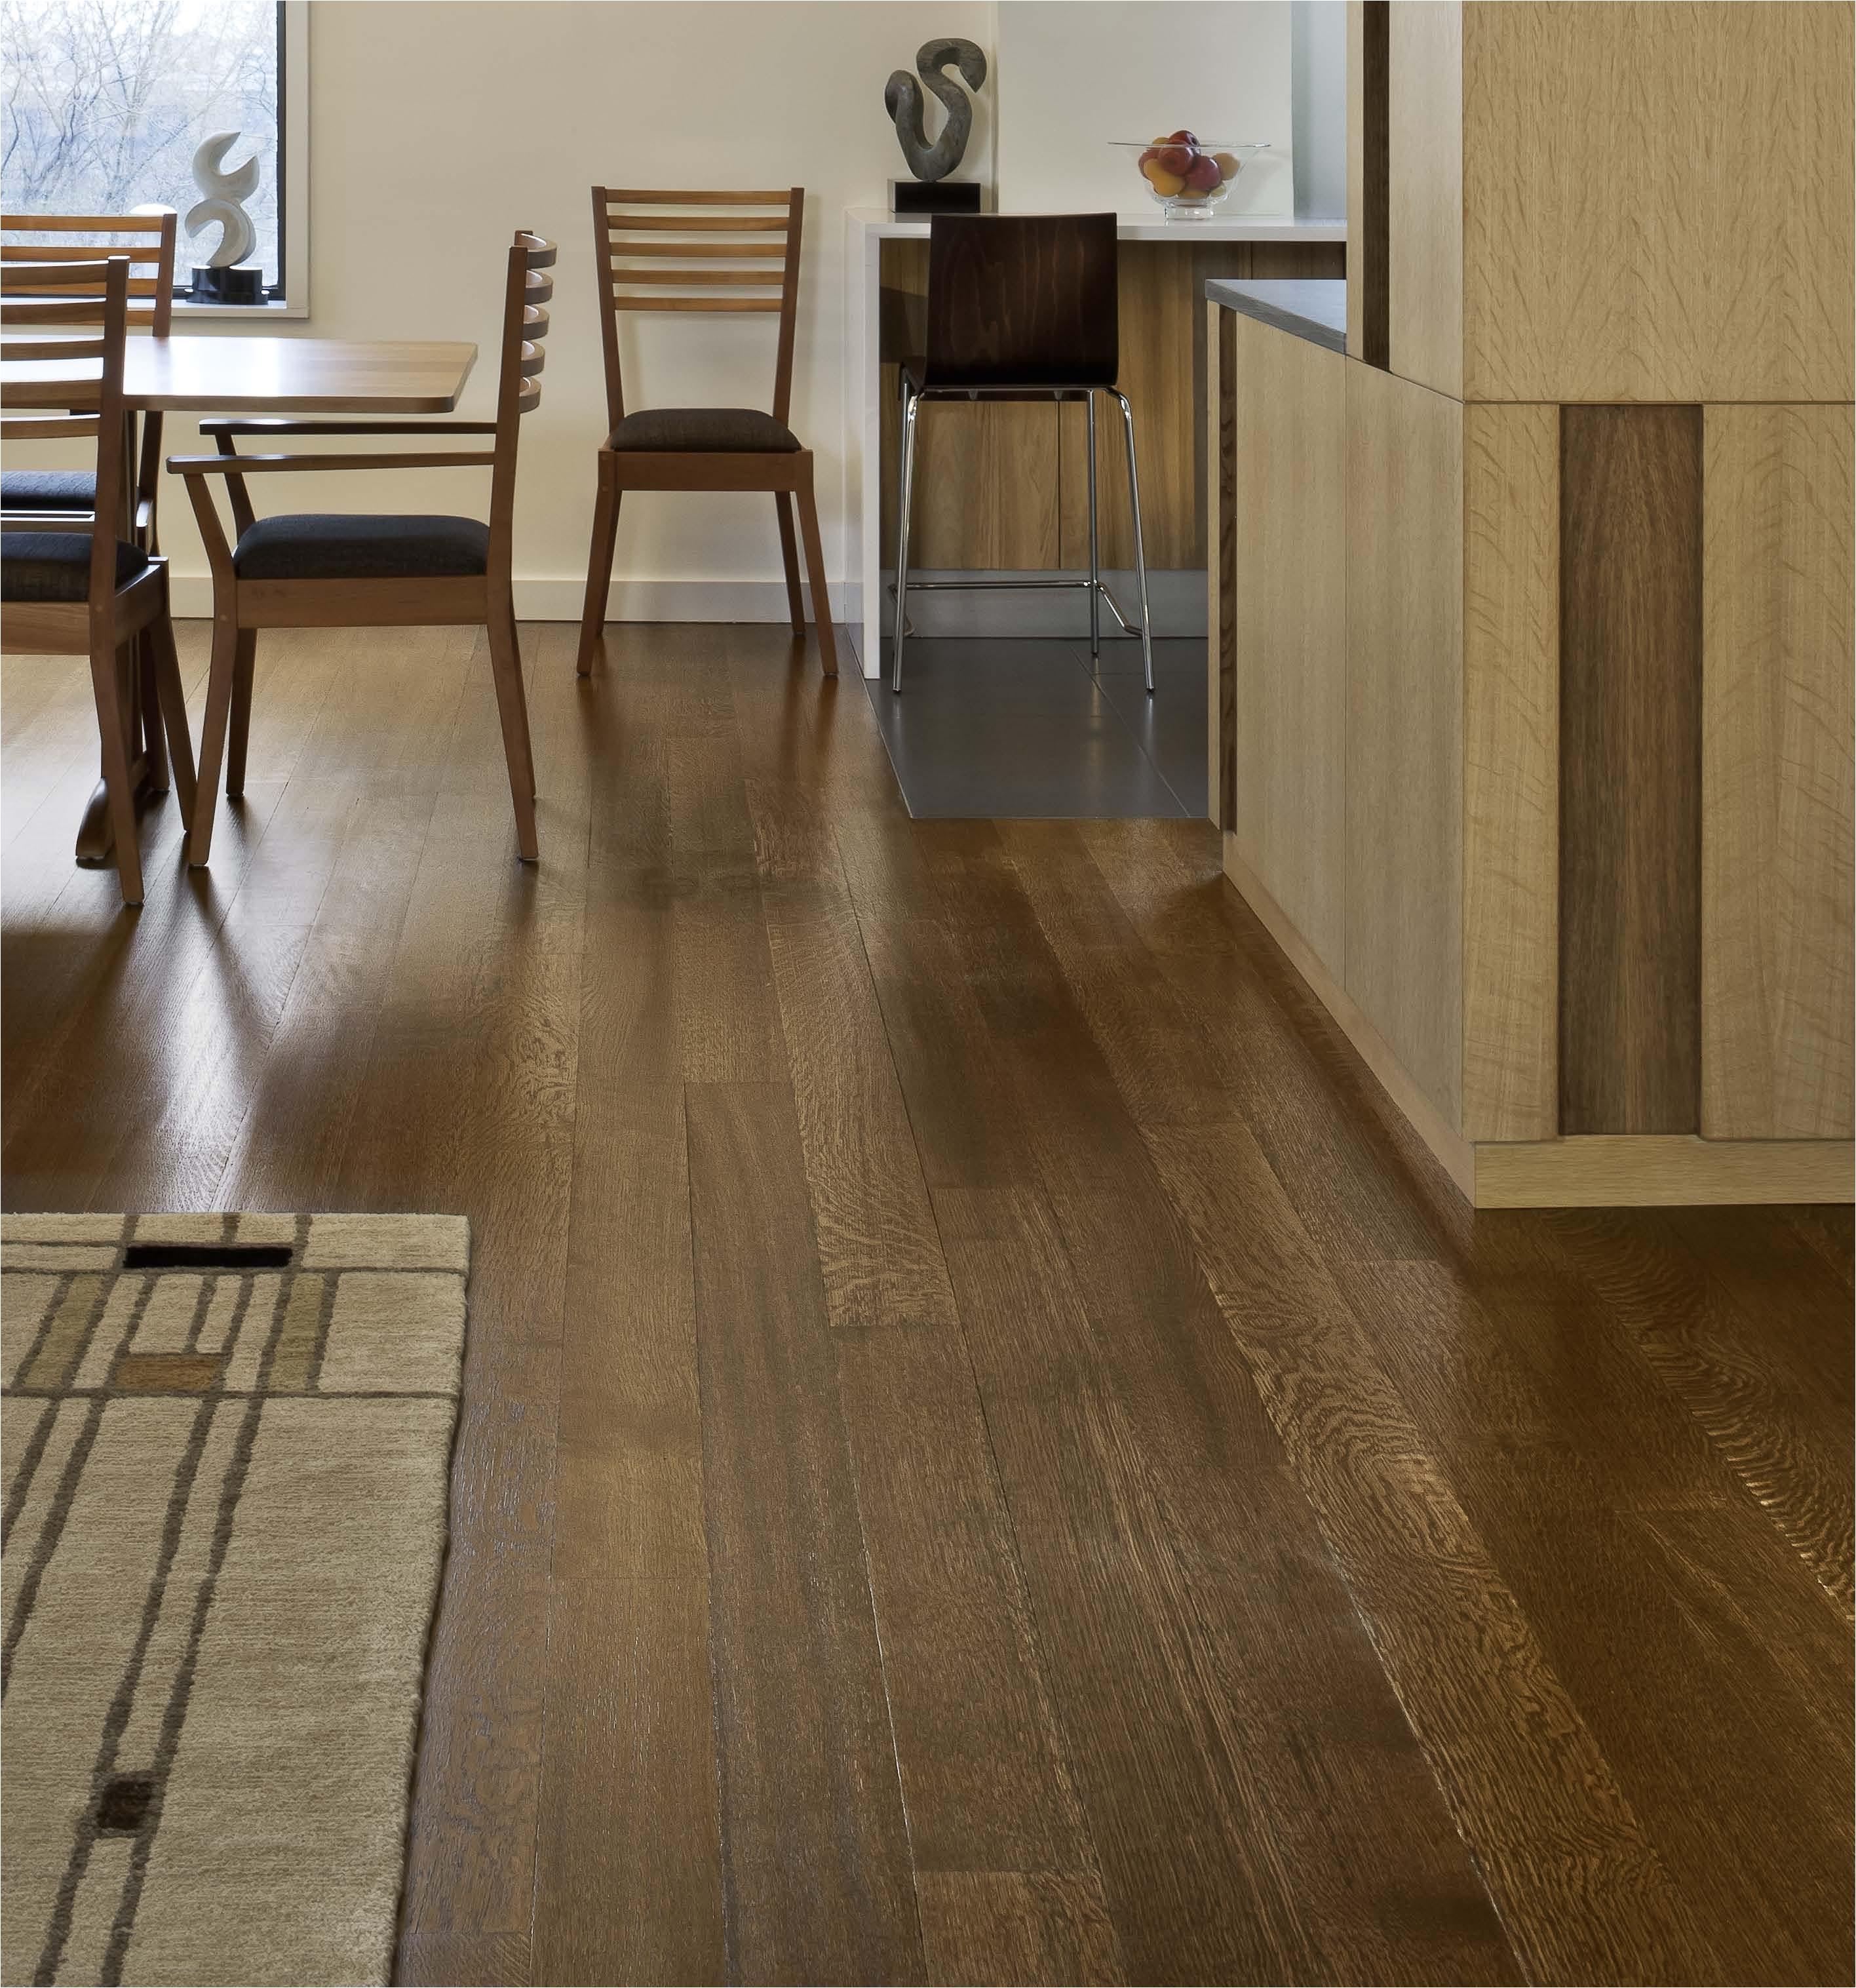 Best Wax For Vinyl Tile Floors Beautiful Discount Hardwood Flooring